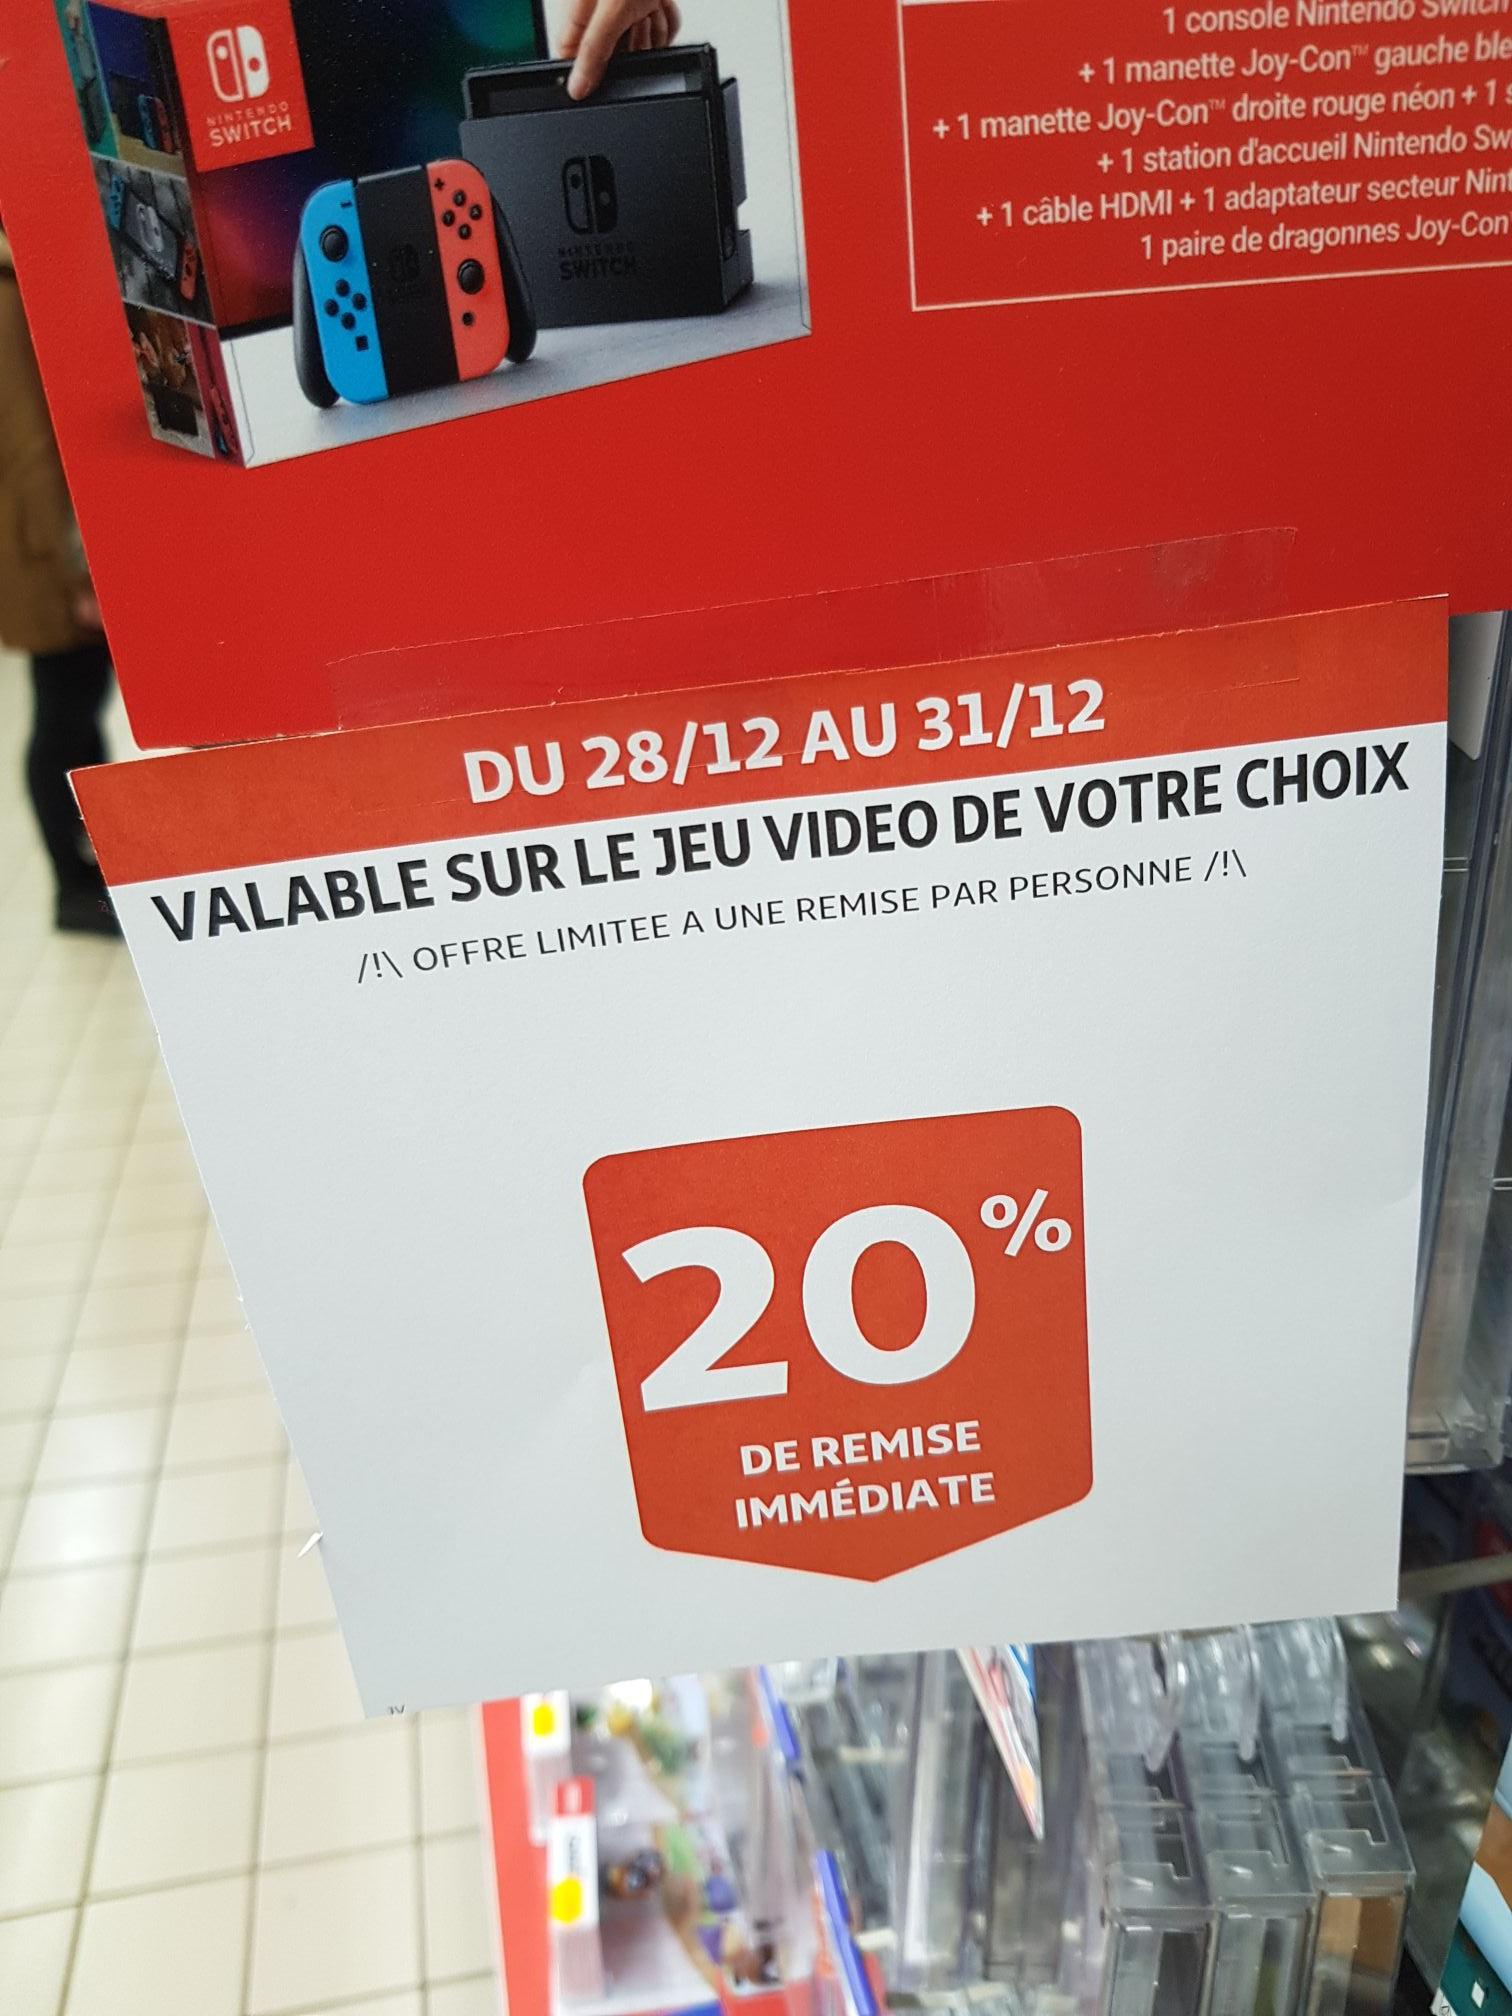 20% de réduction sur le Jeu vidéo de votre choix - Ex : Super Mario party - Auchan Epagny (74)